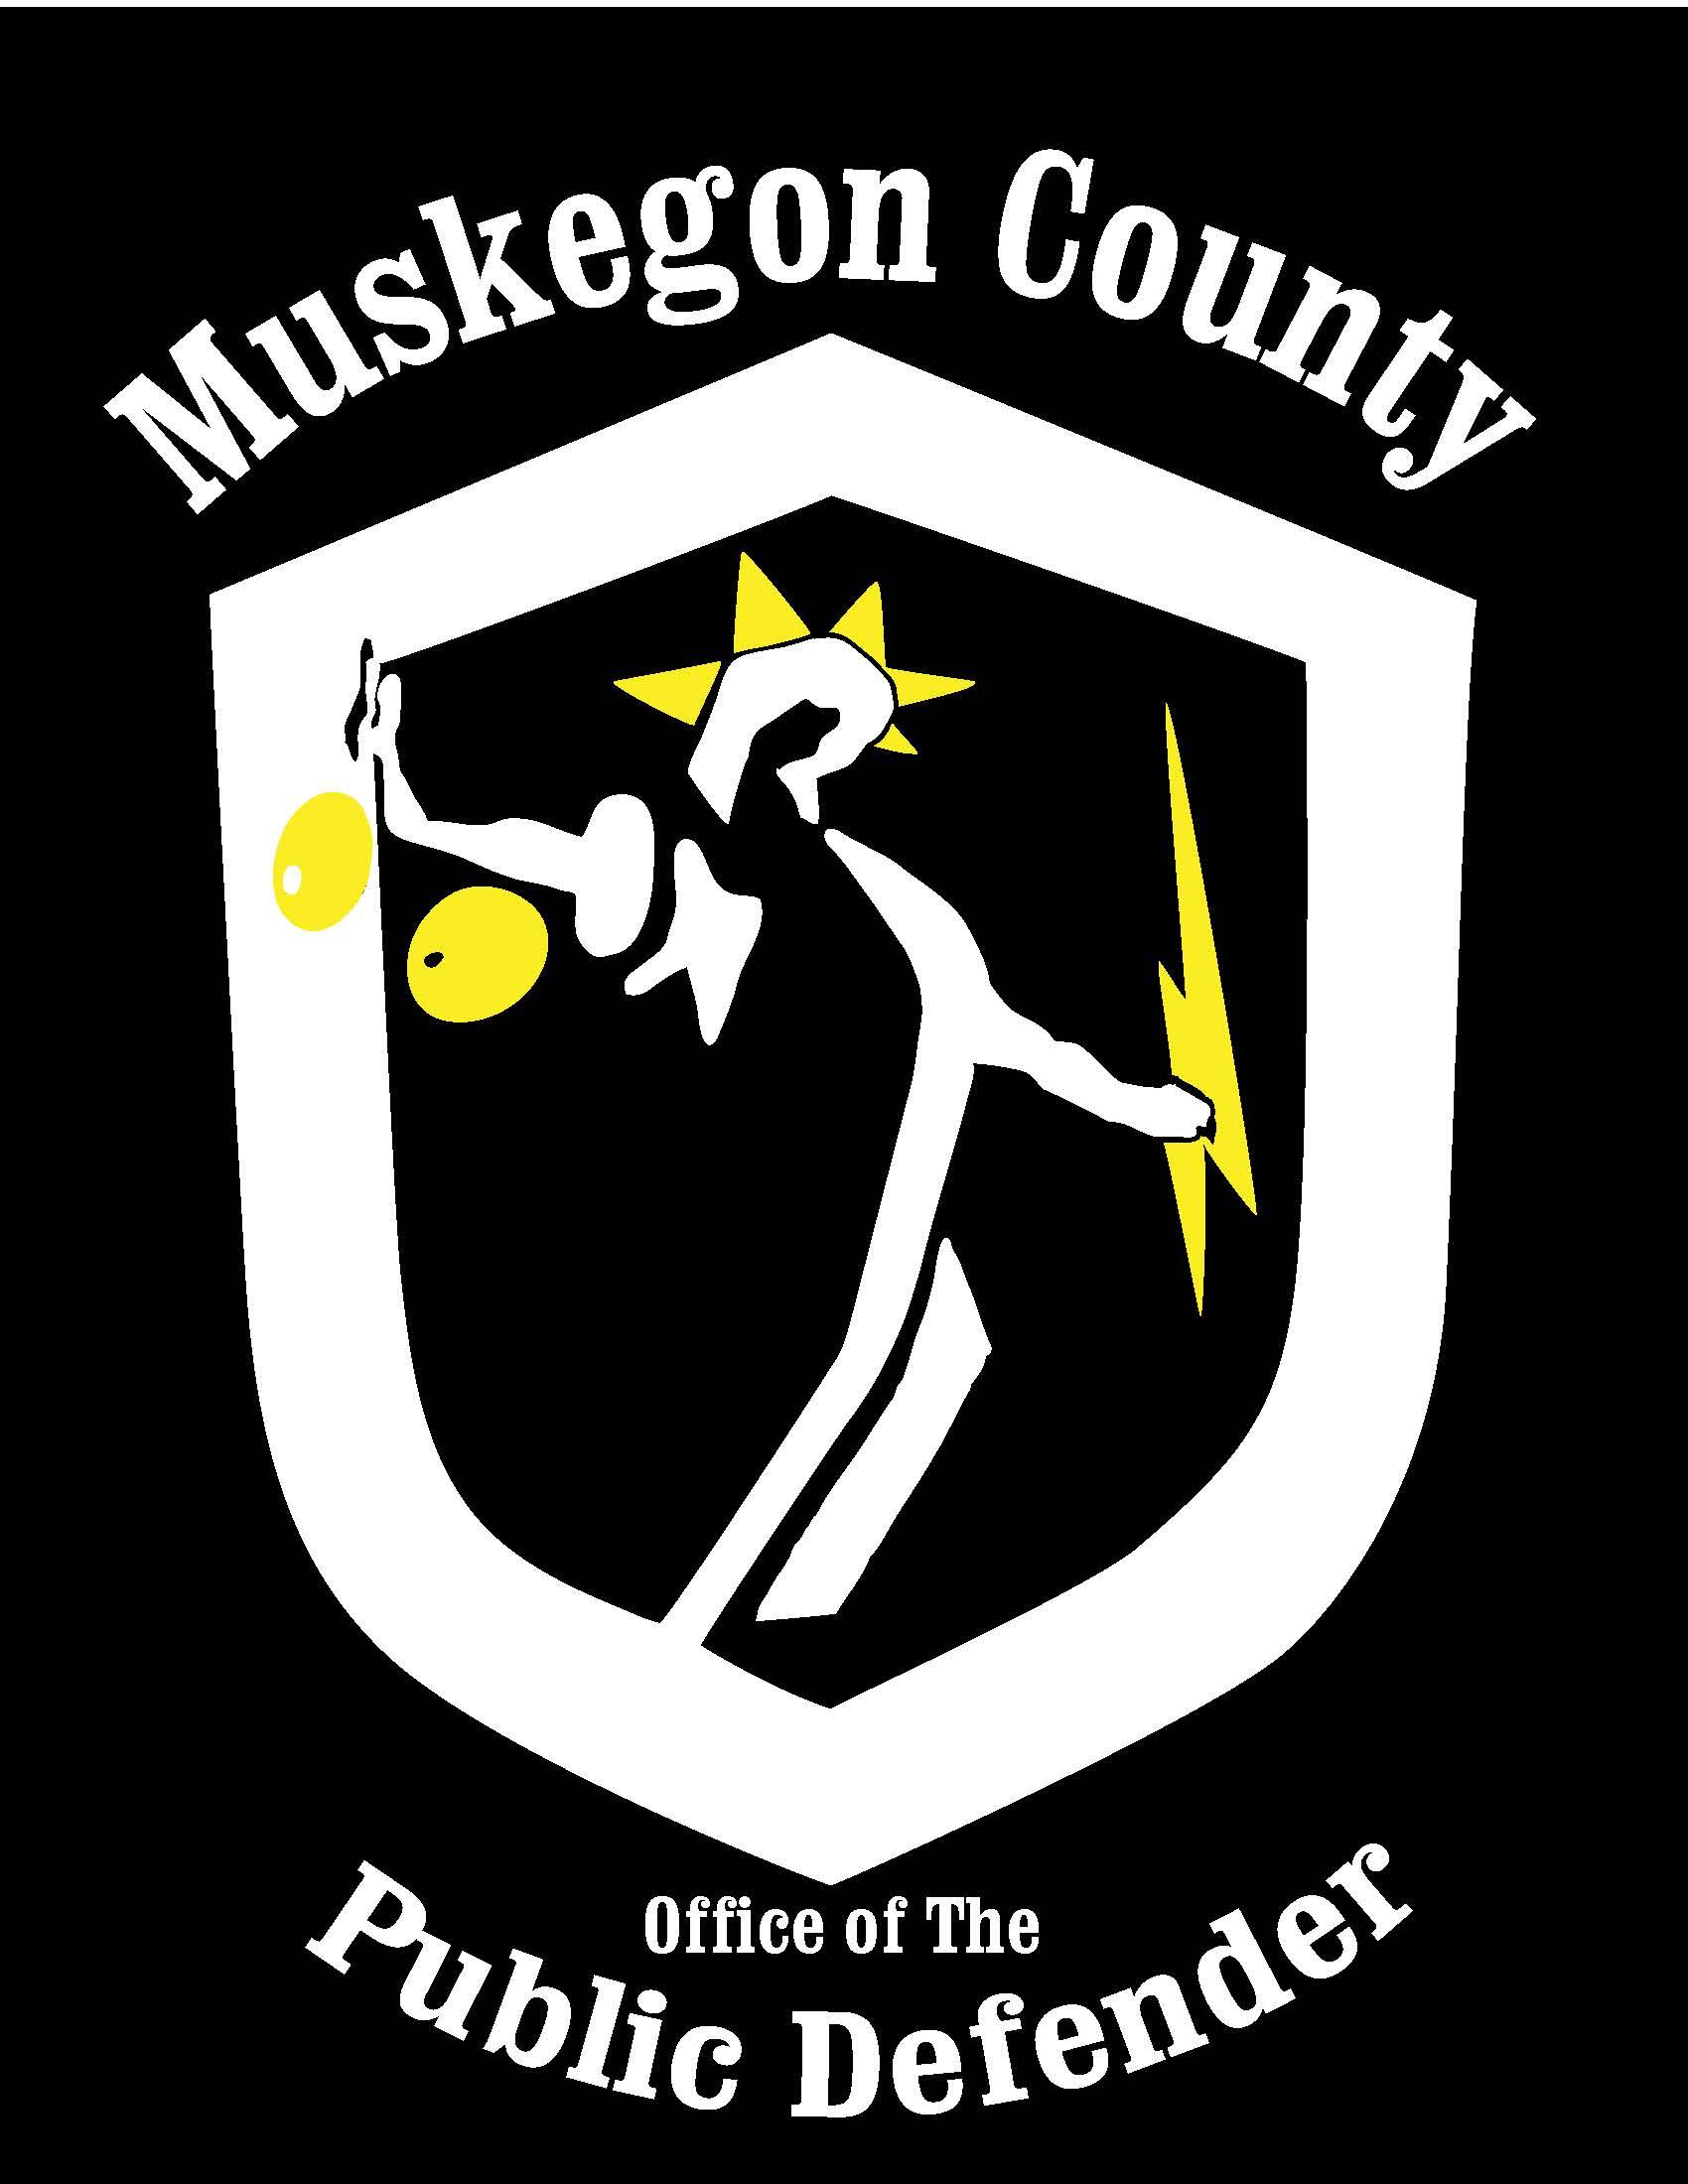 Muskegon County Public Defenders | Muskegon County, MI